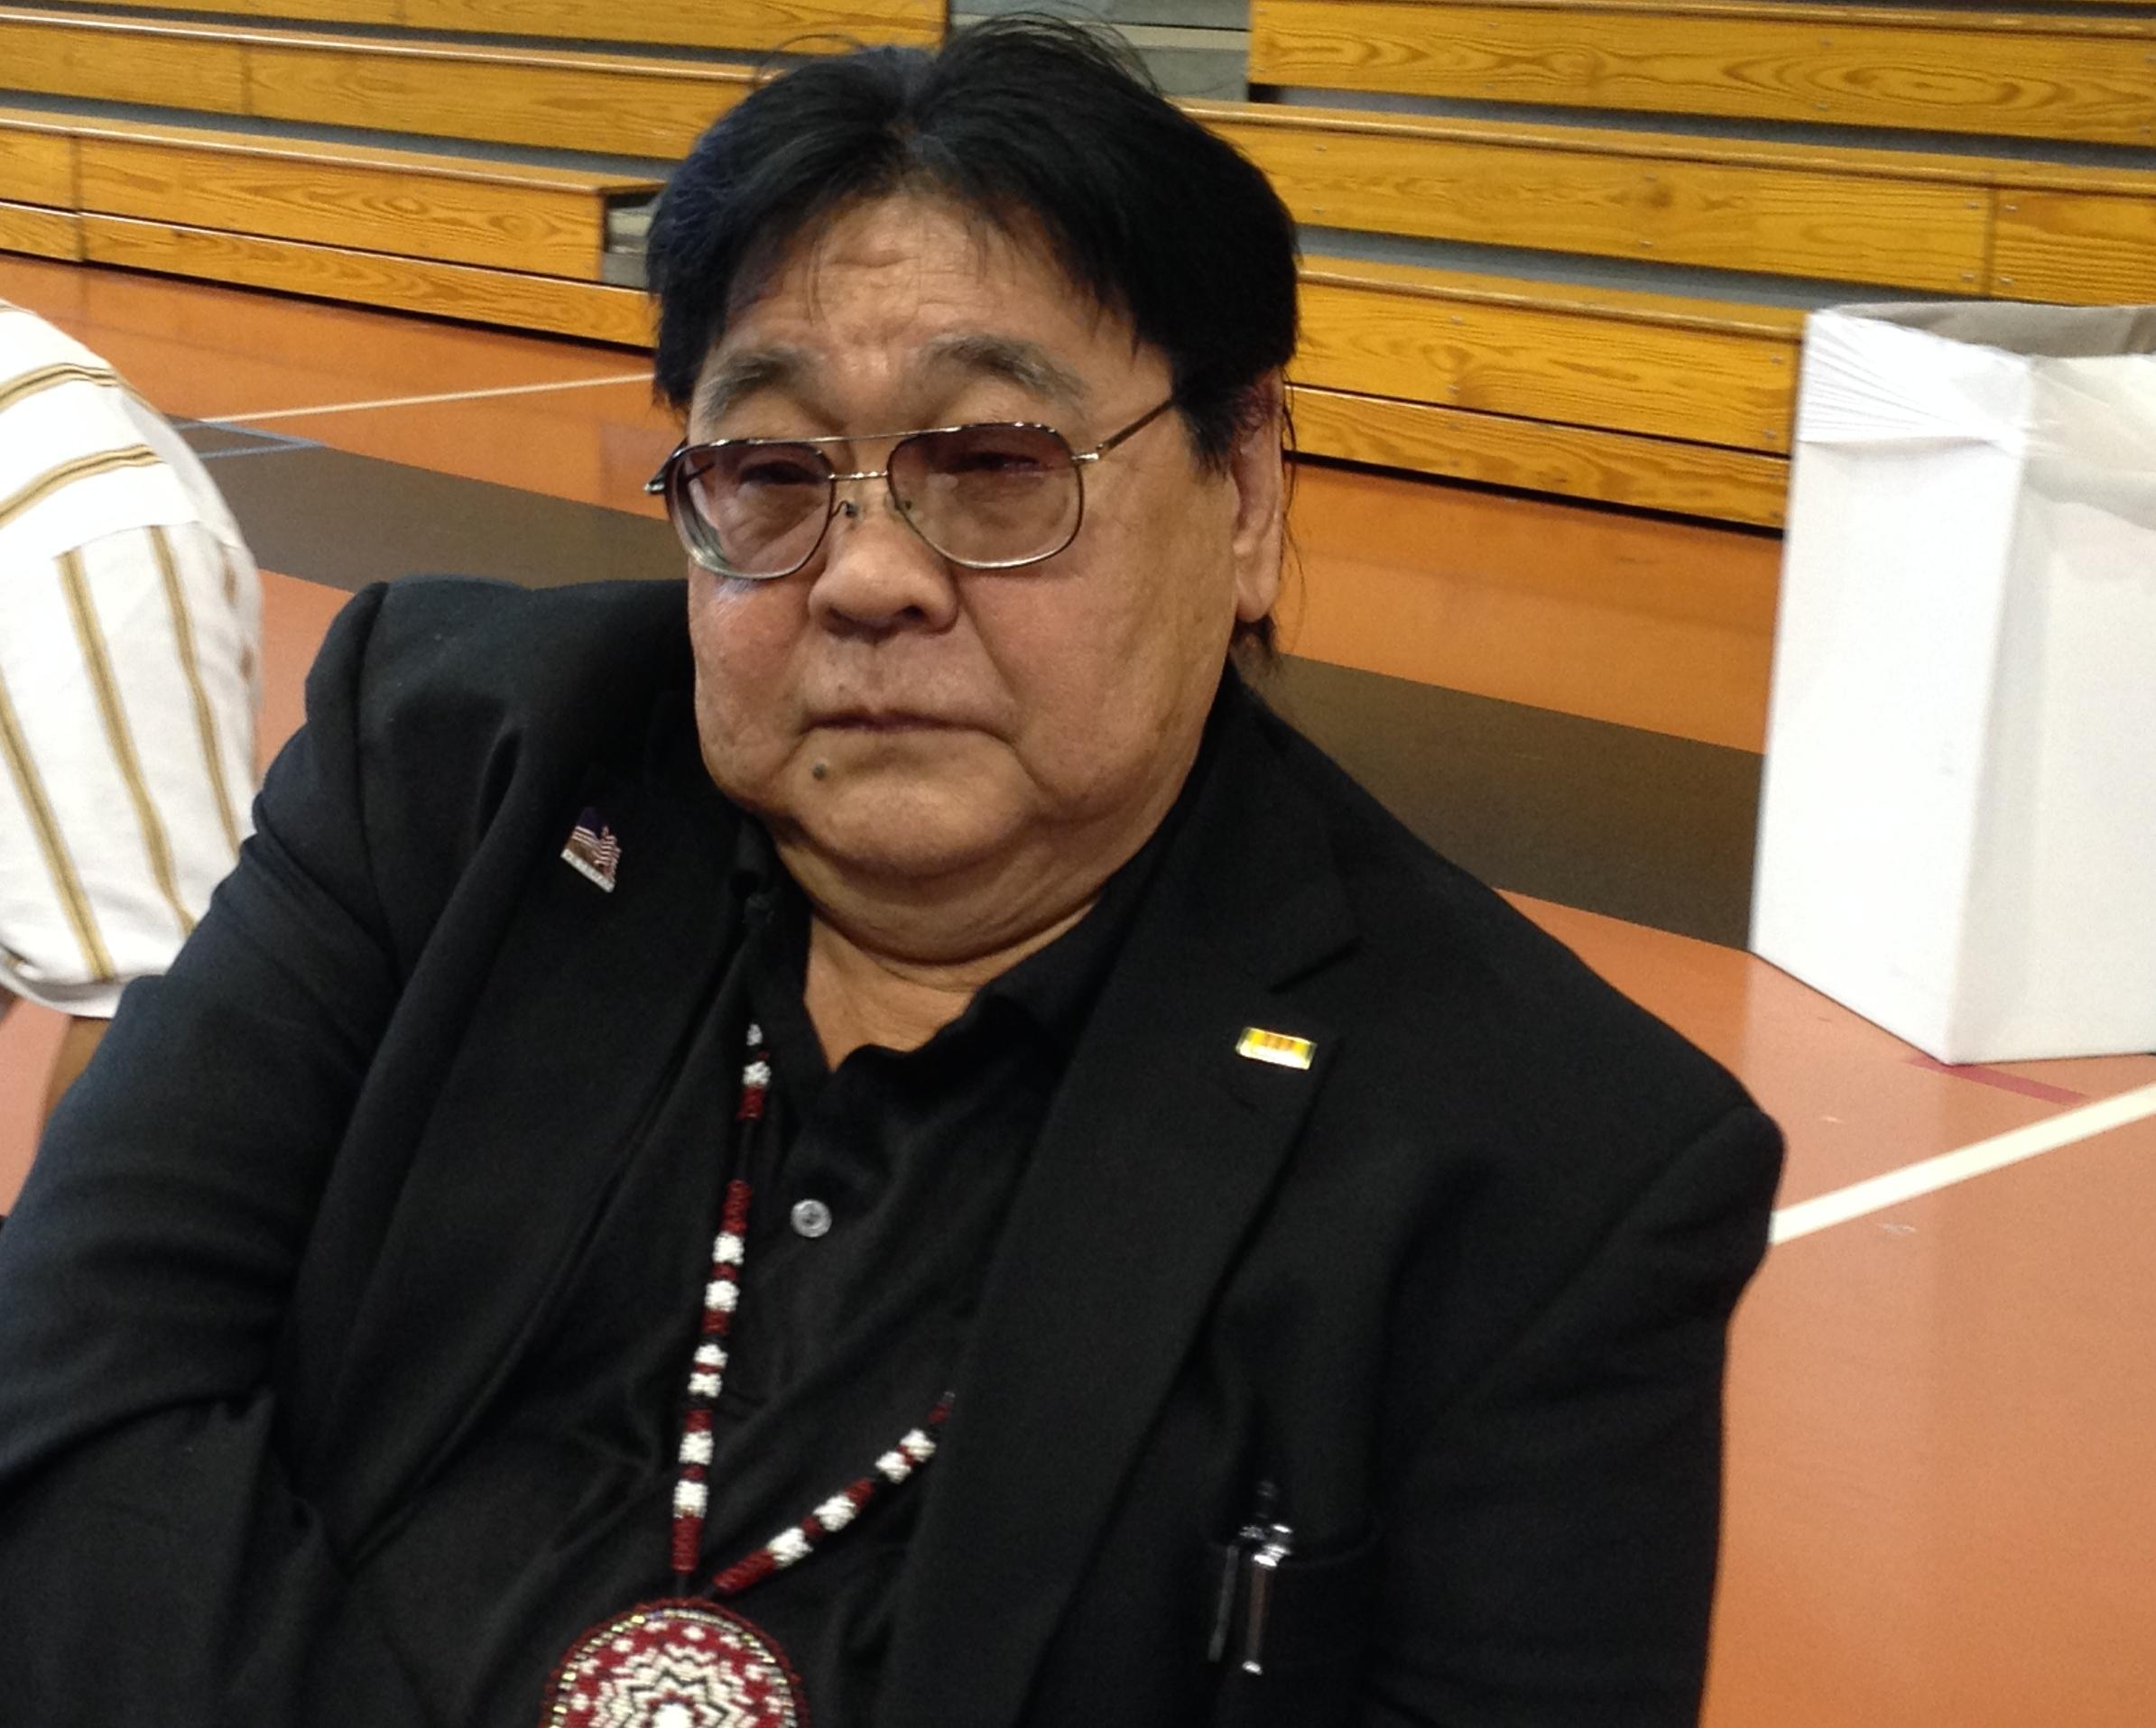 Minnesota Native News: Comings and Goings